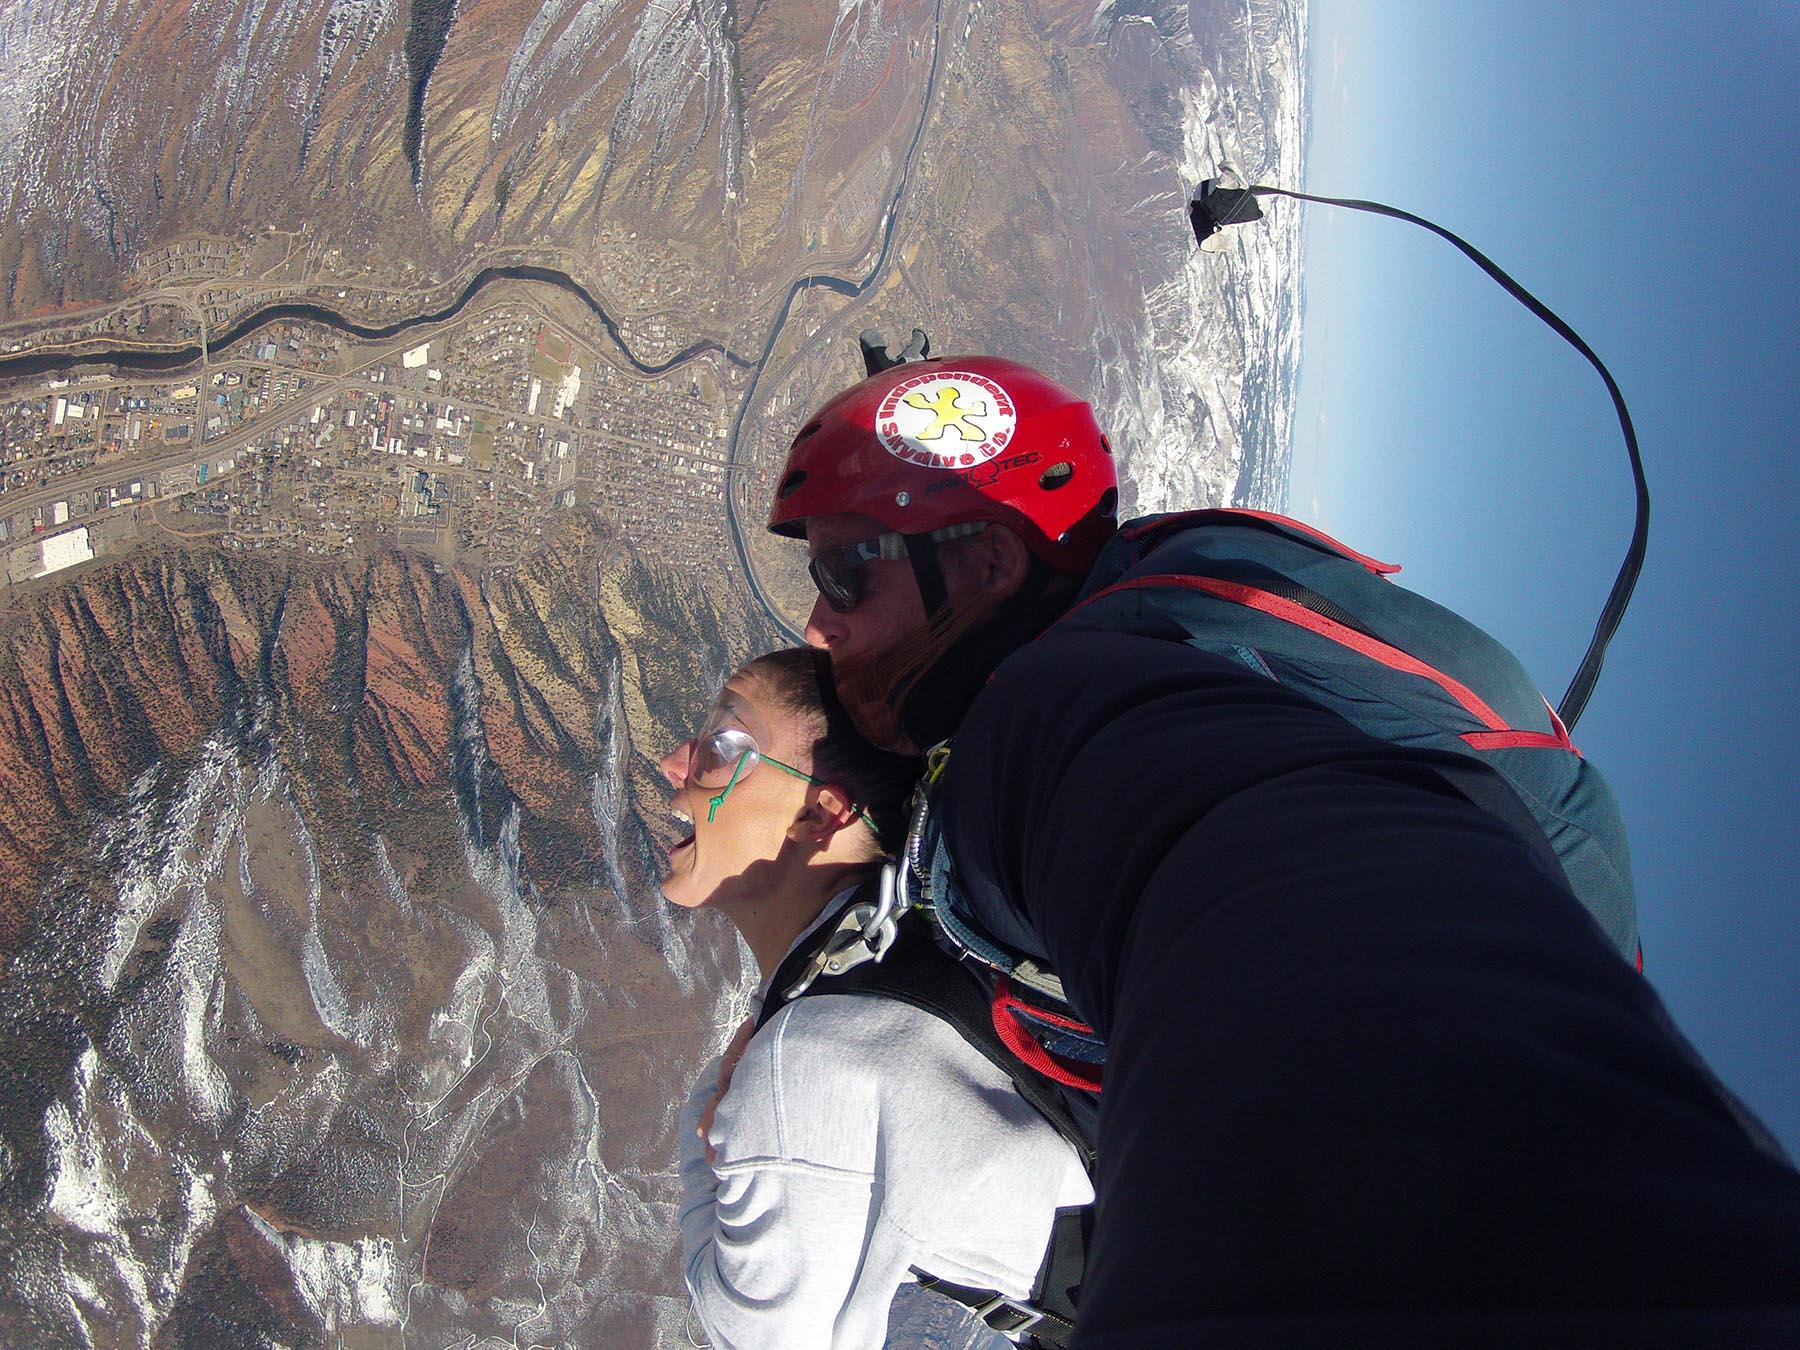 Glenwood Springs Skydive